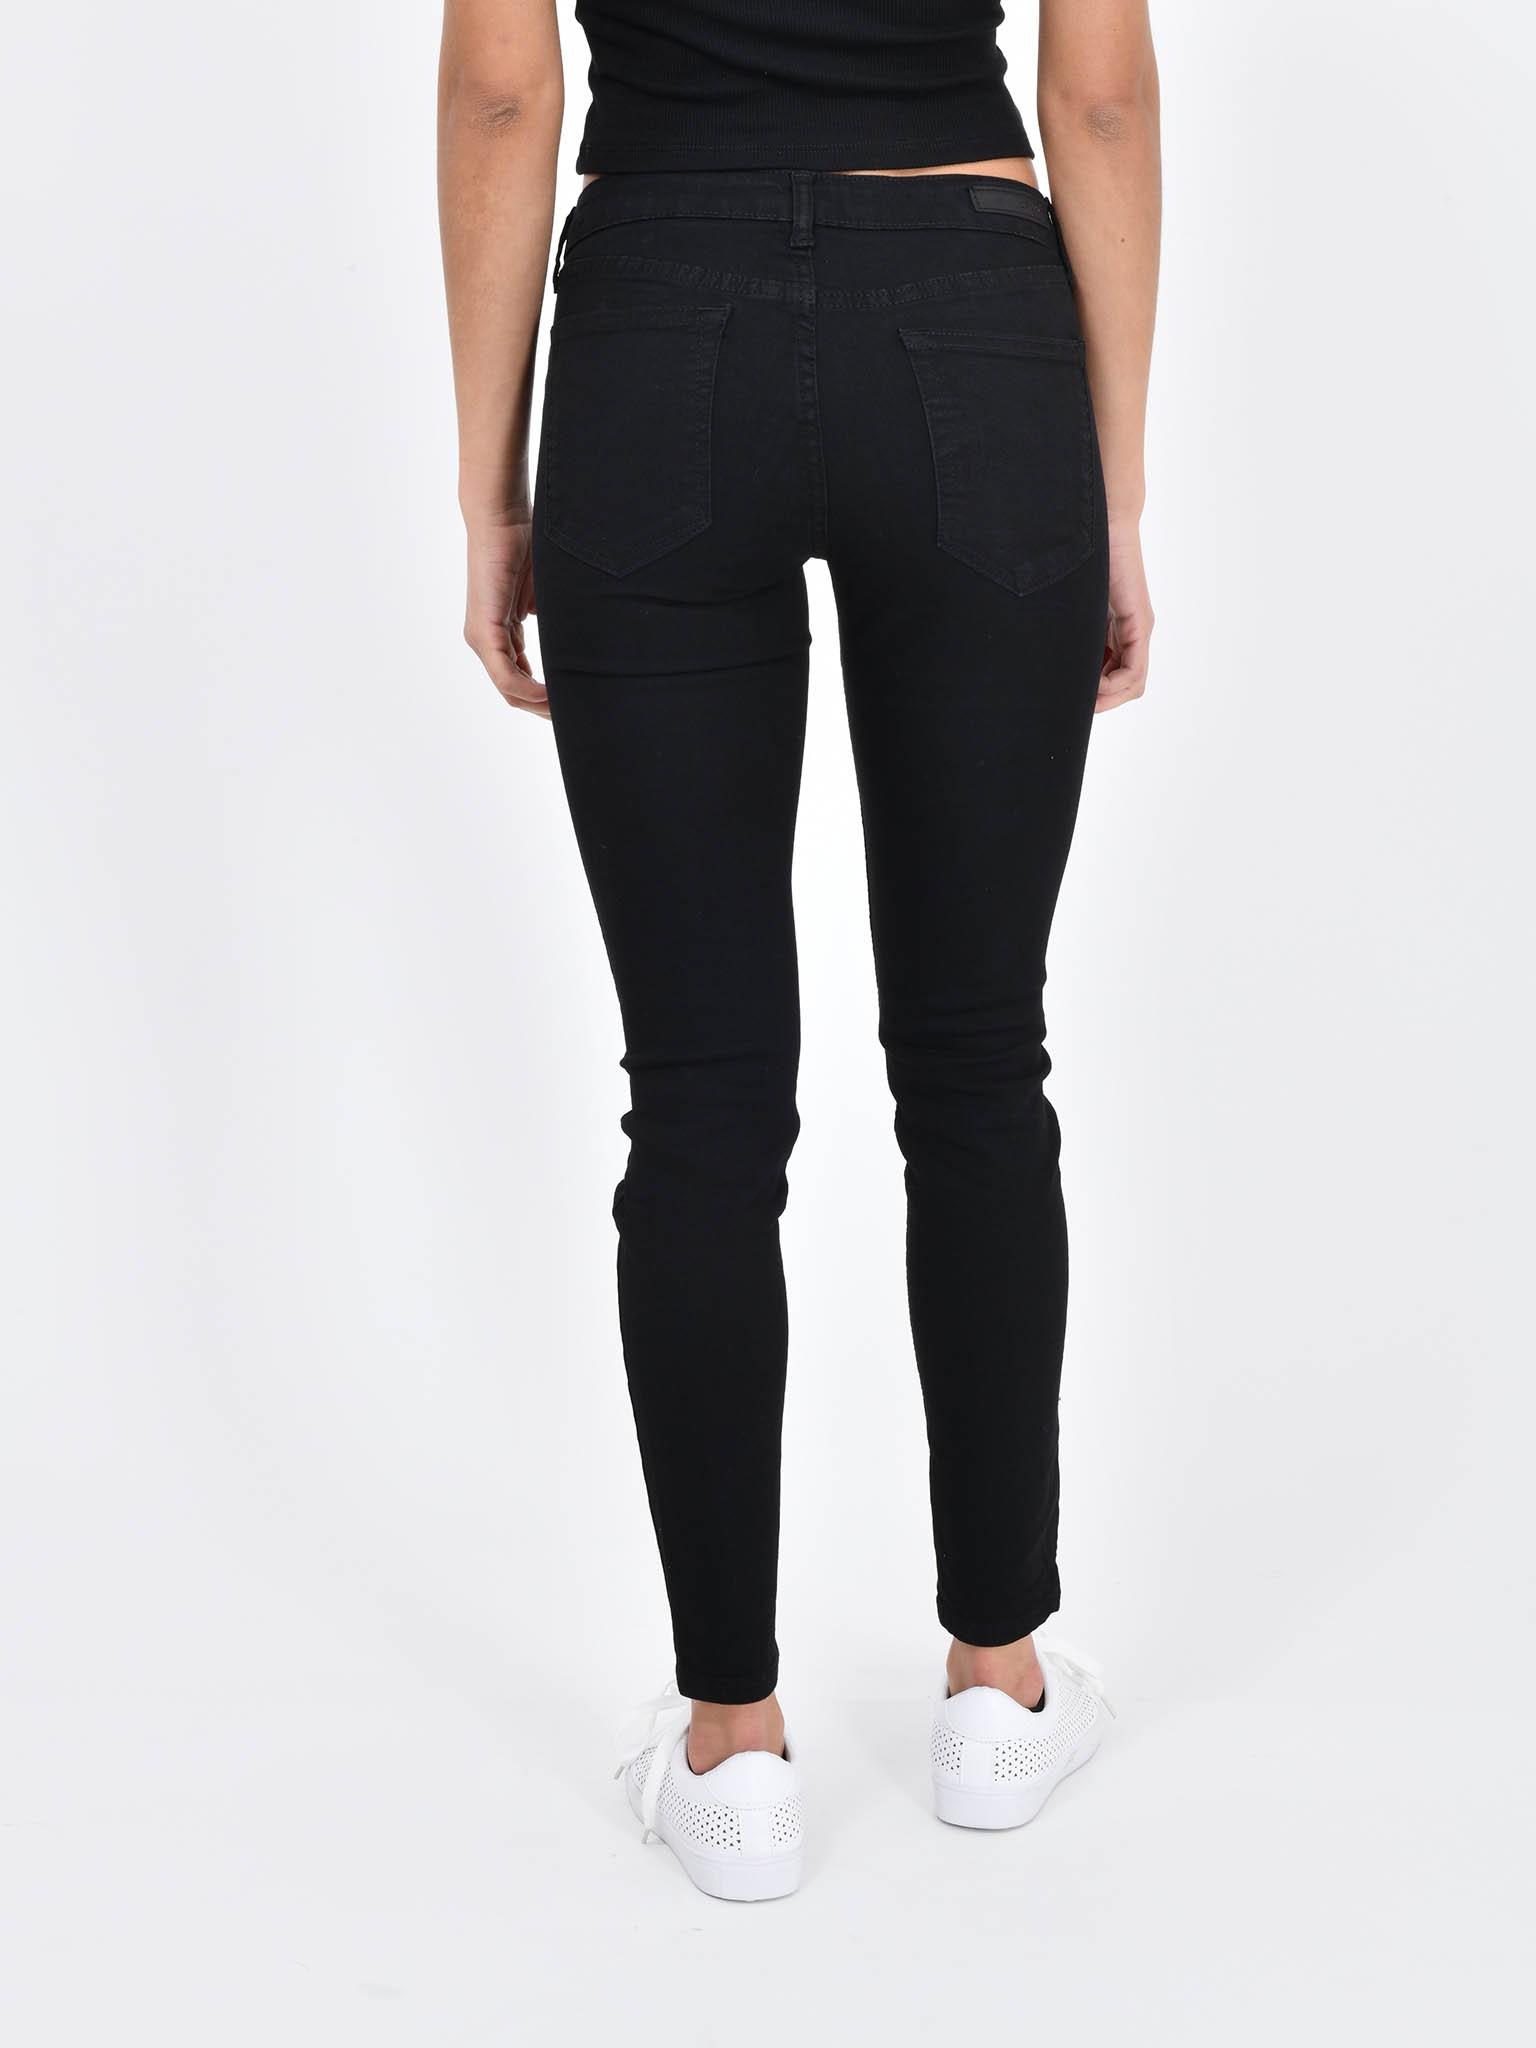 1a4fe6b0a4 Cuidado con el Perro - Jeans Ultra Skinny